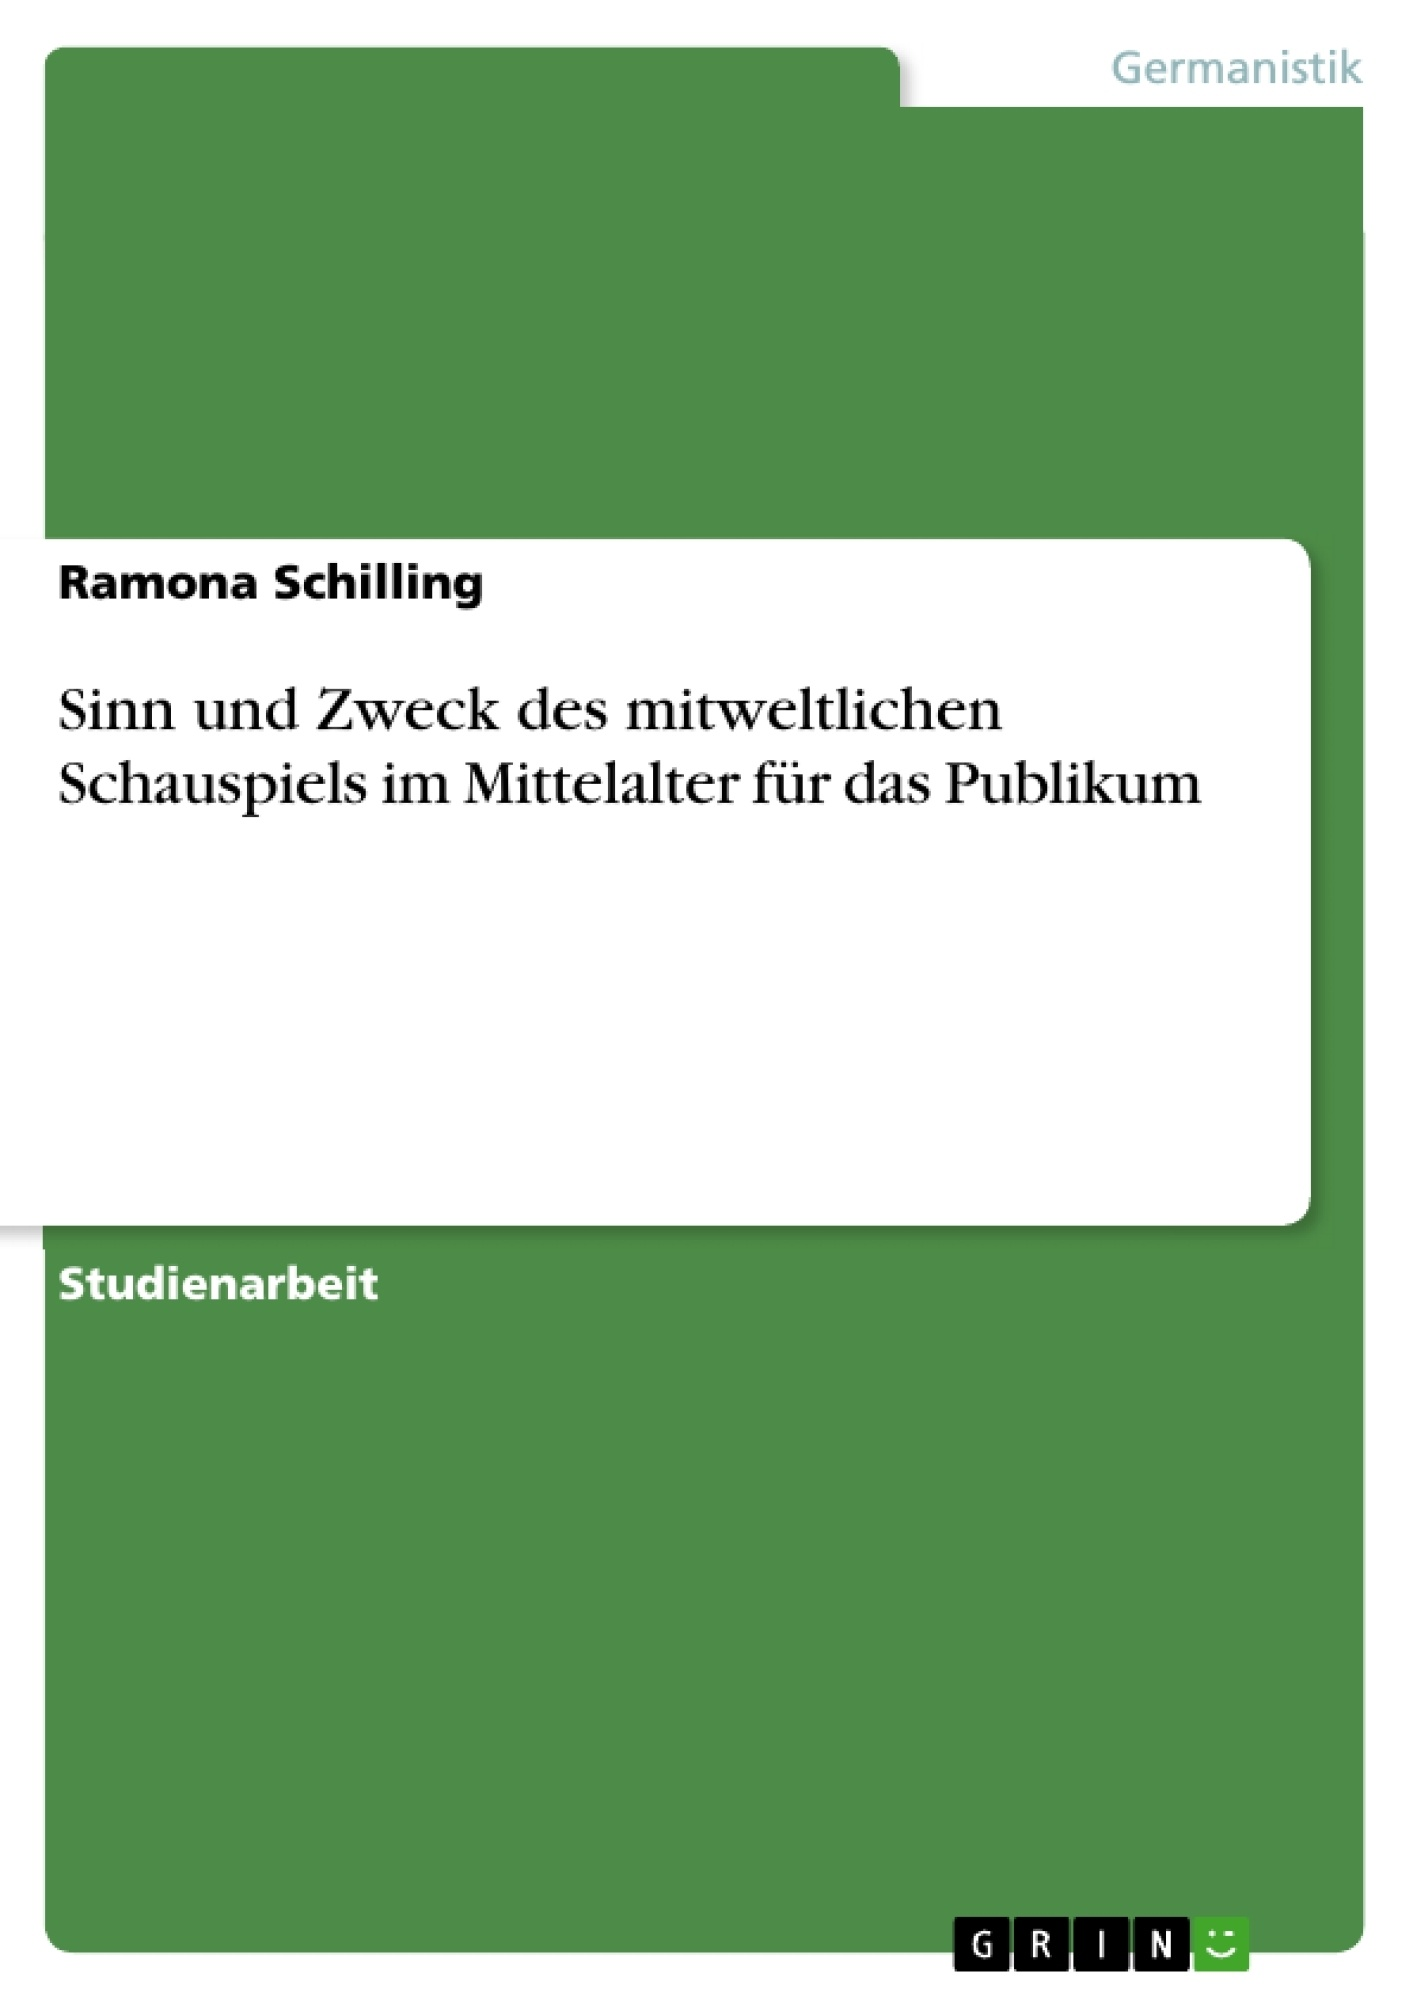 Titel: Sinn und Zweck des mitweltlichen Schauspiels im Mittelalter für das Publikum